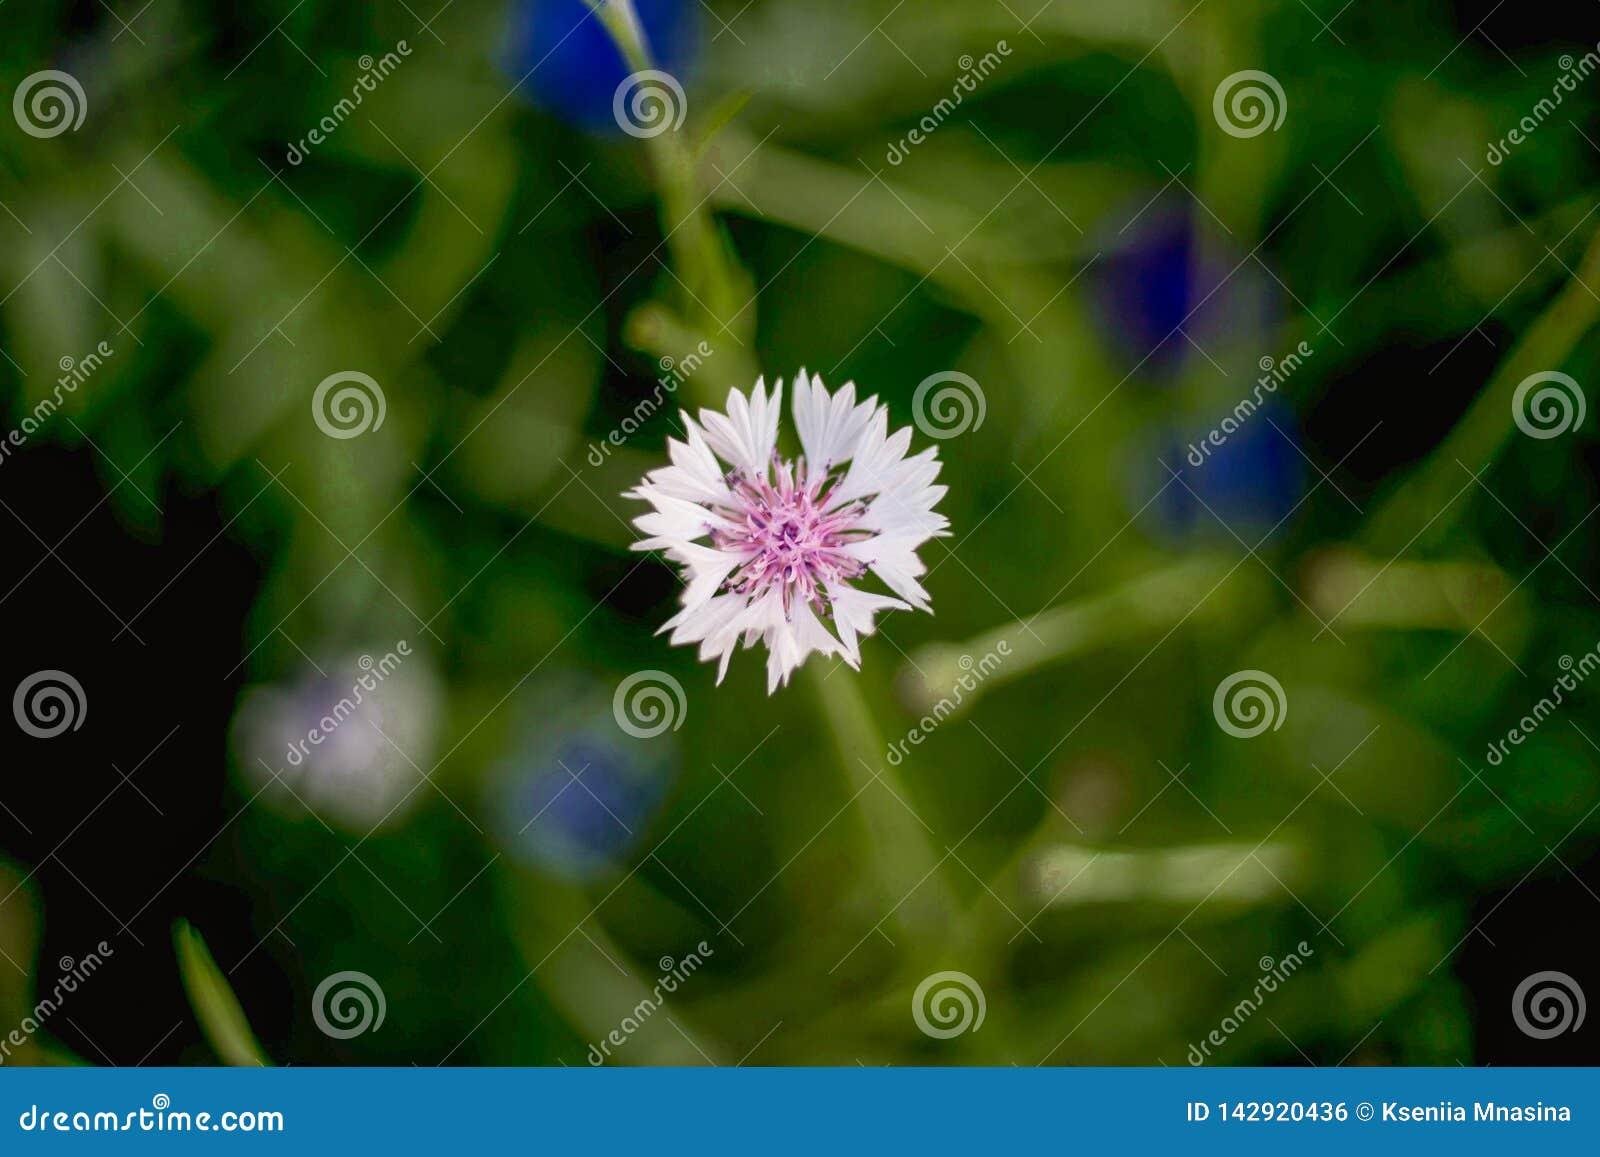 En gros plan de la fleur blanche de bleuet sur le fond brouillé